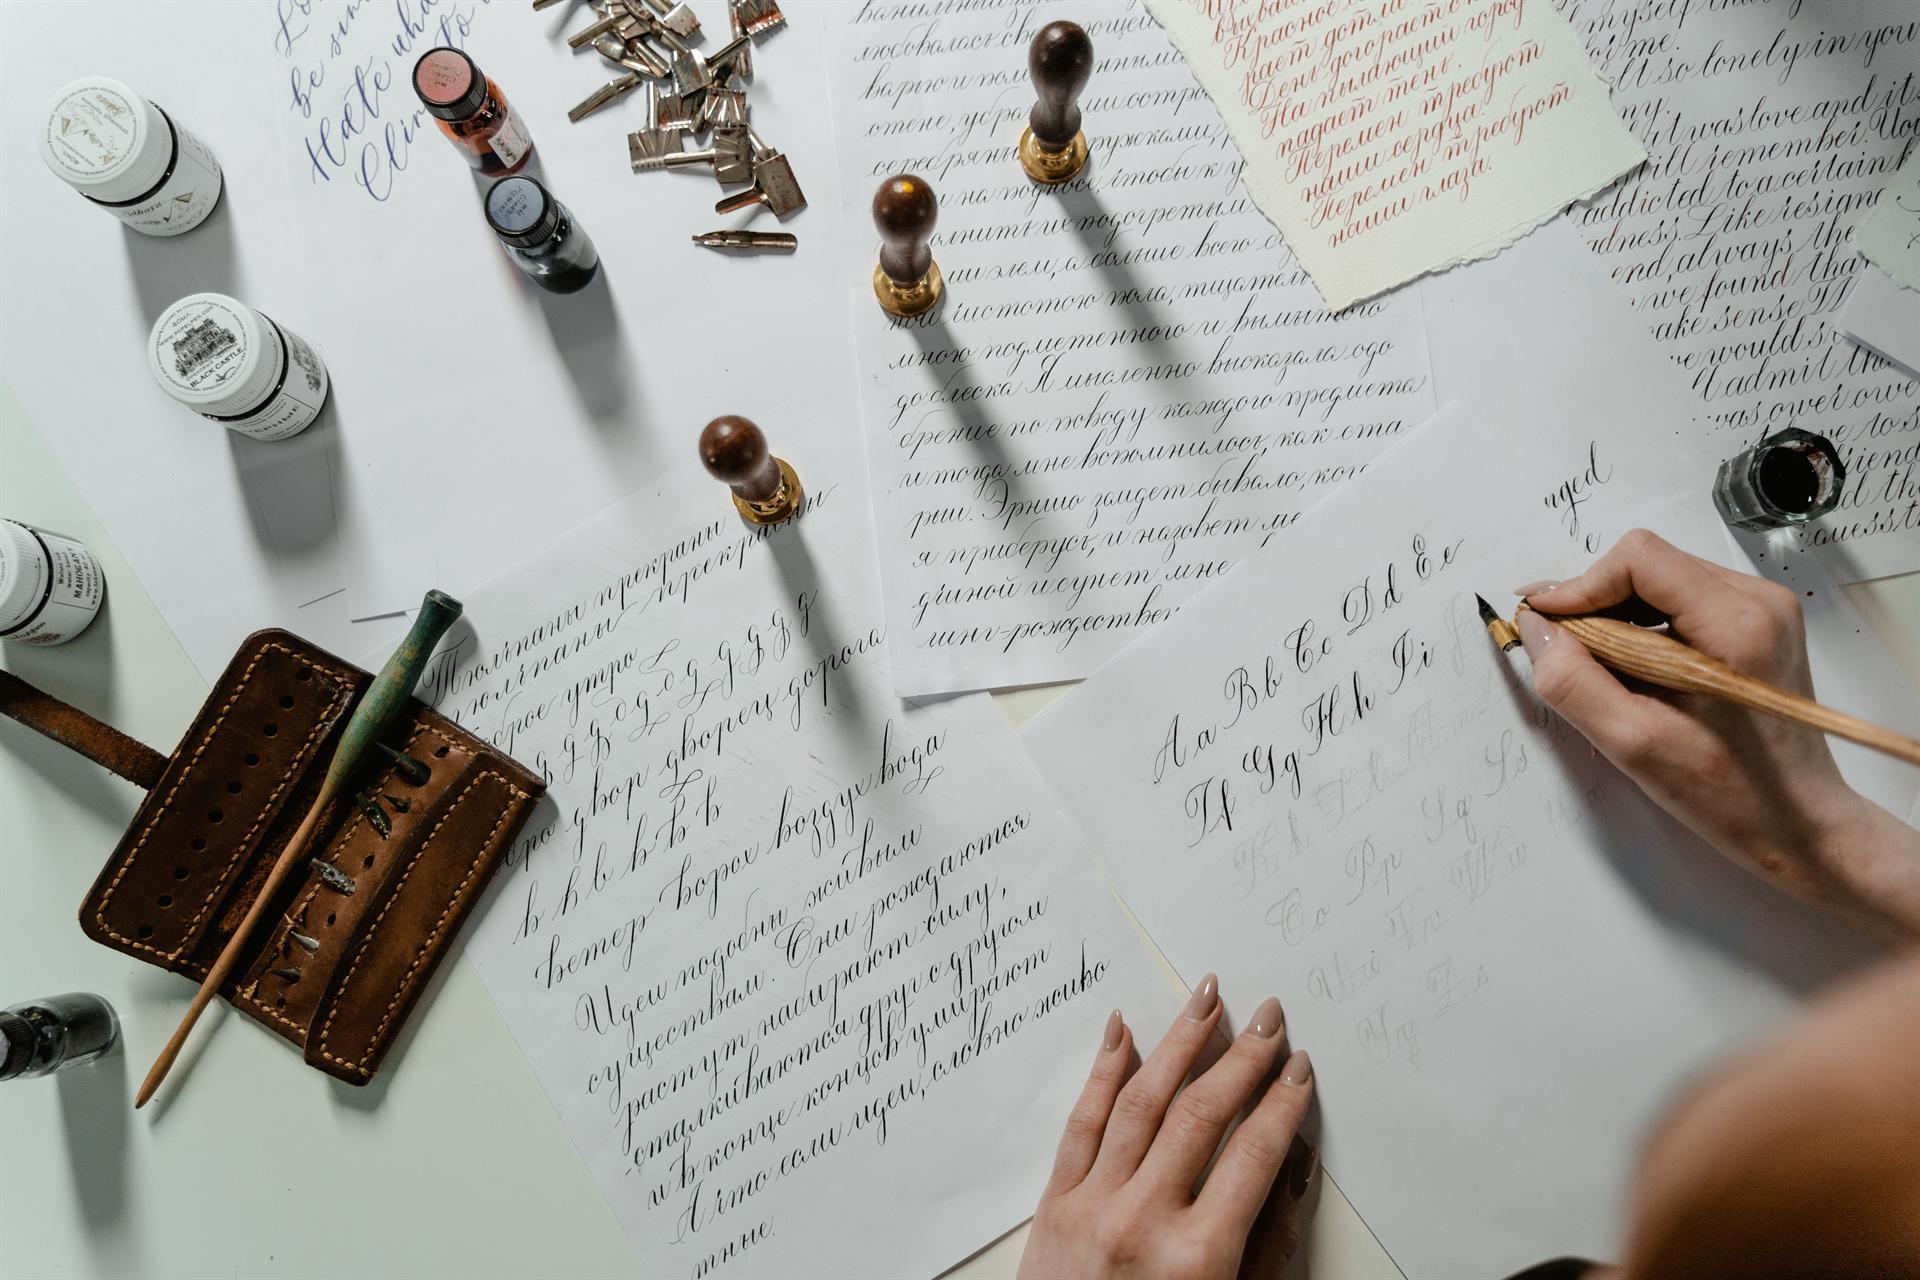 כתיבת שירים בחרוזים